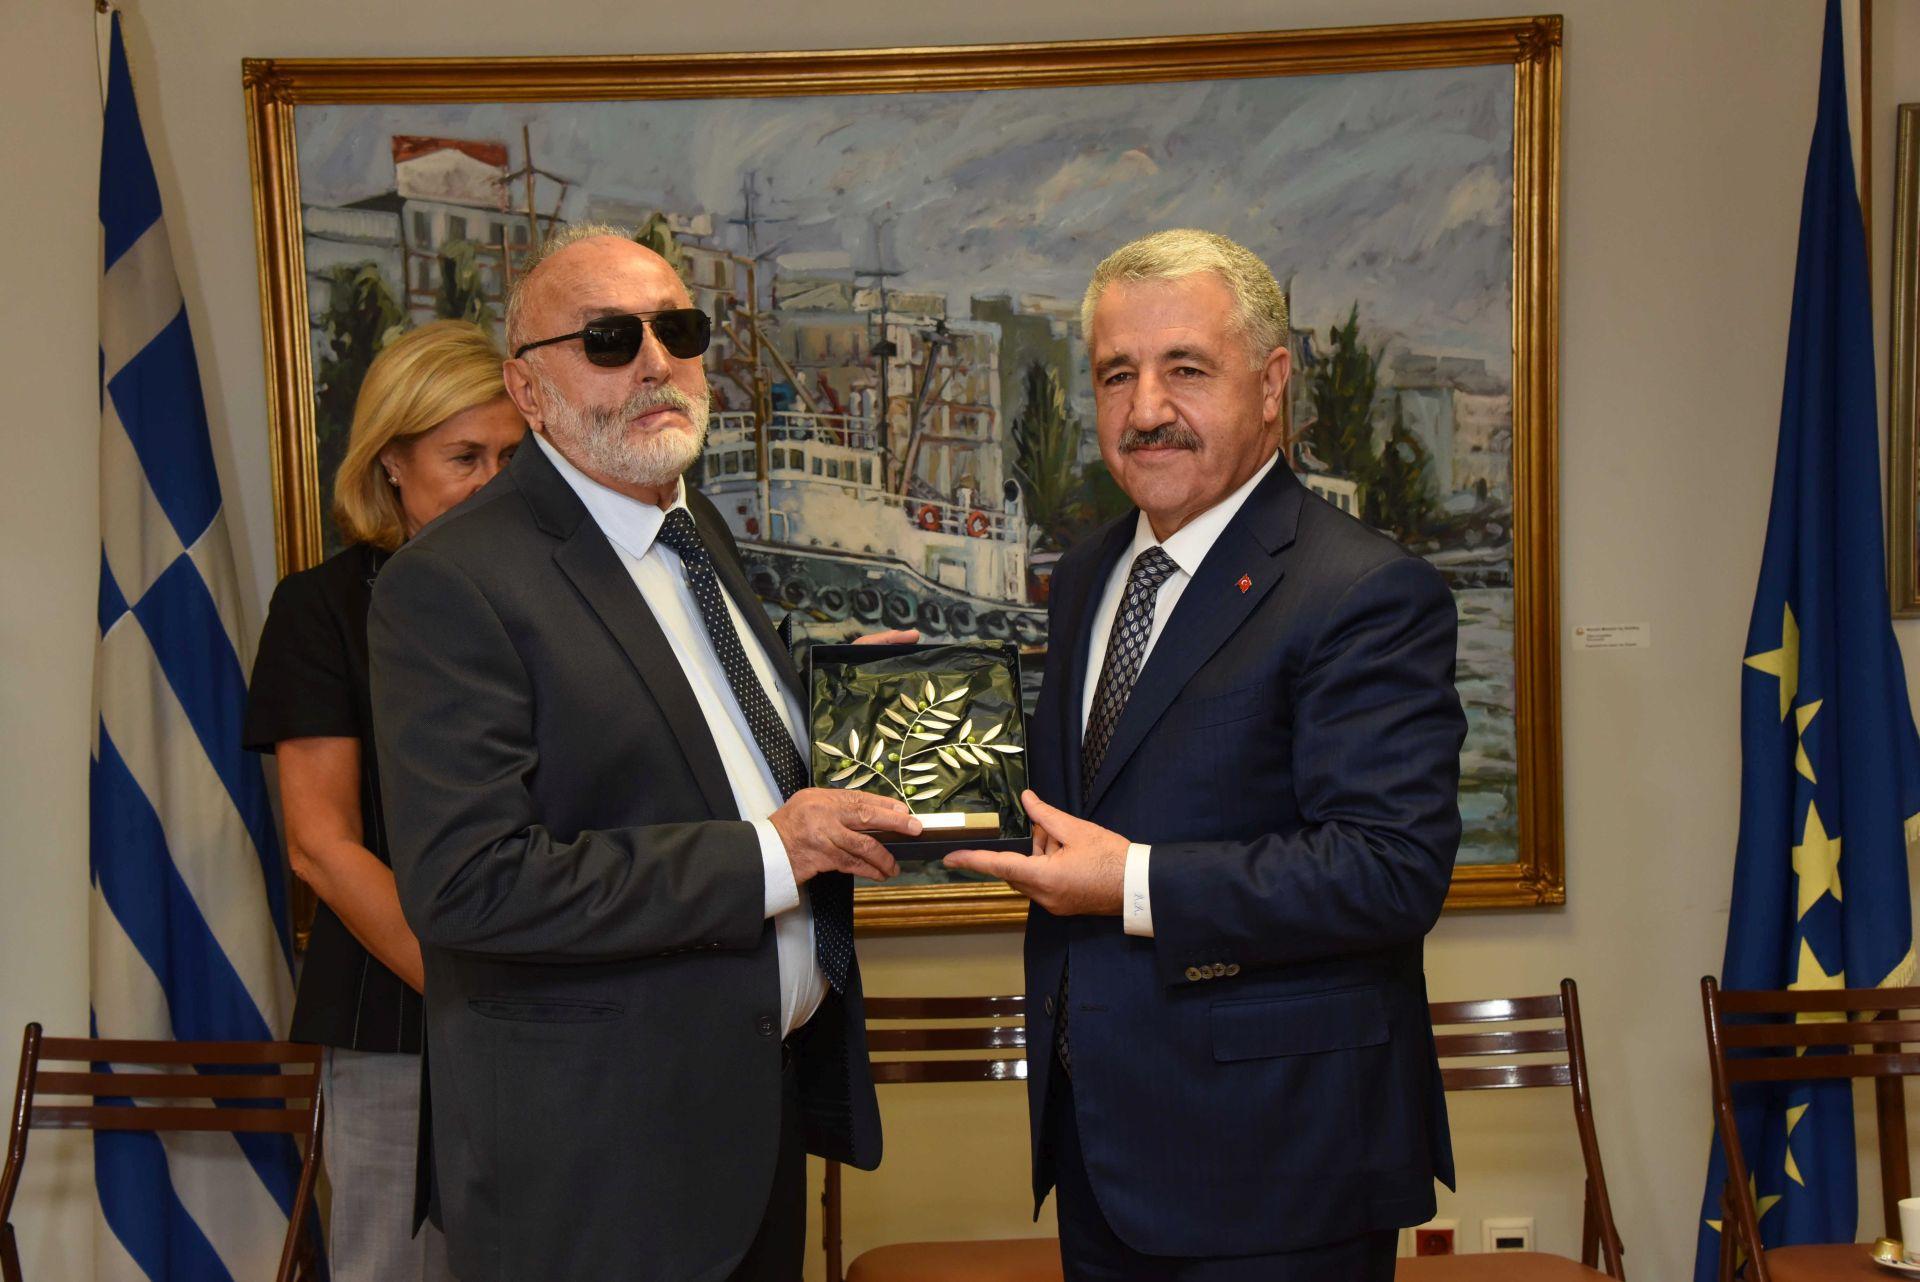 Σε θετικό κλίμα η συνάντηση του ΥΝΑΝΠ Παναγιώτη Κουρουμπλή με τον Υπουργό Μεταφορών, Ναυτιλίας και Επικοινωνιών της Τουρκίας, Αχμέτ Αρσλάν